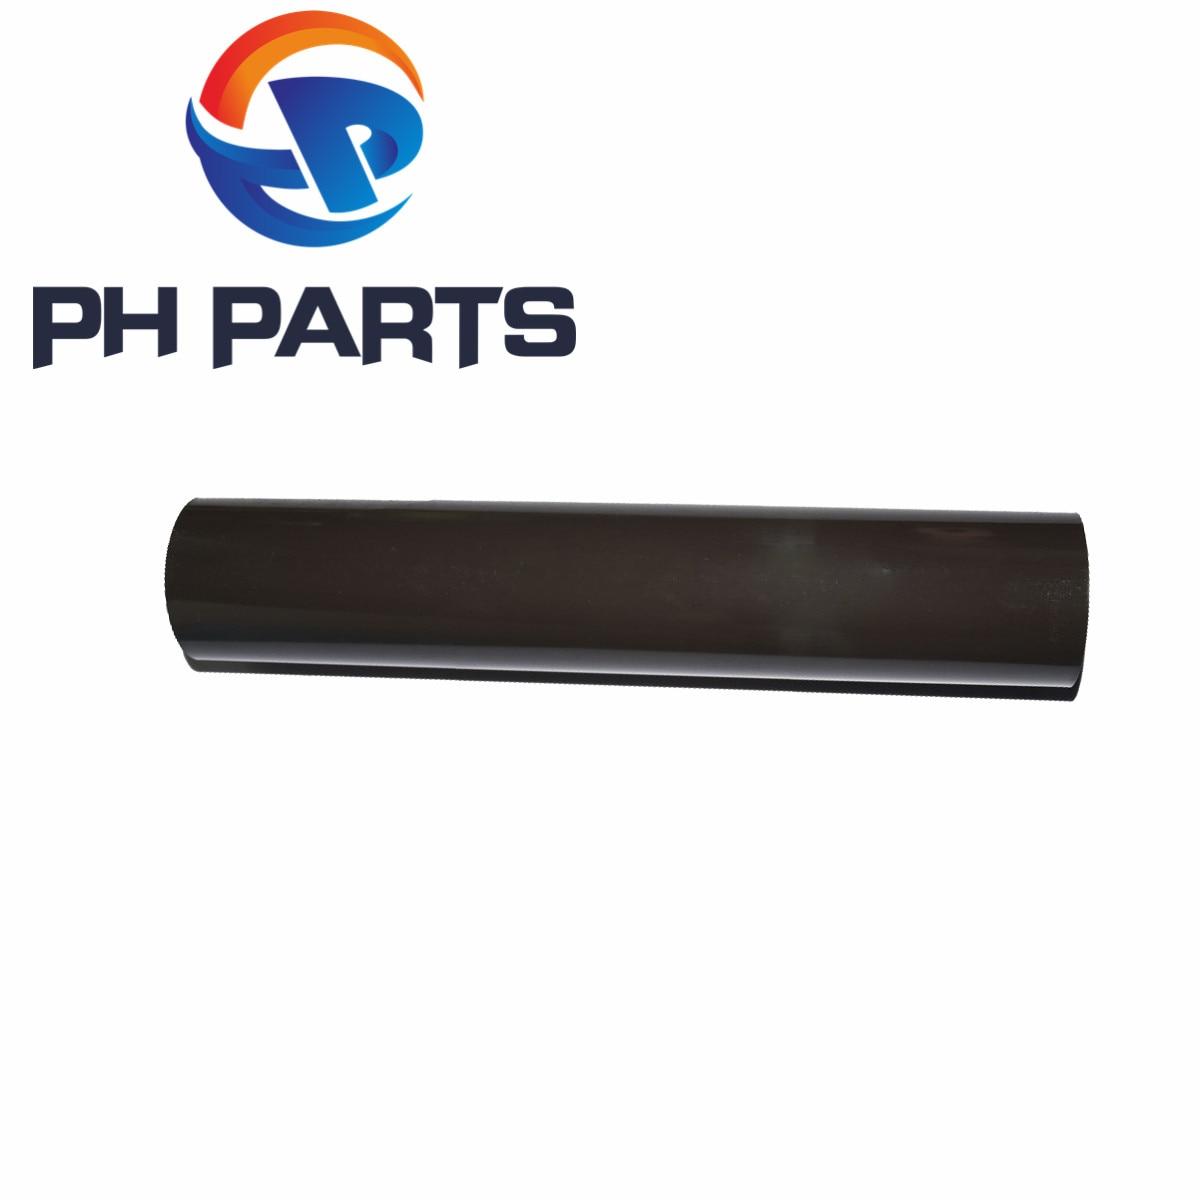 1X B238-4070 B180-4101 de fixation de l'unité de fixation pour ricoh MPC2000 MPC2500 MPC2800 MPC3000 MPC3300 ceinture de fusion